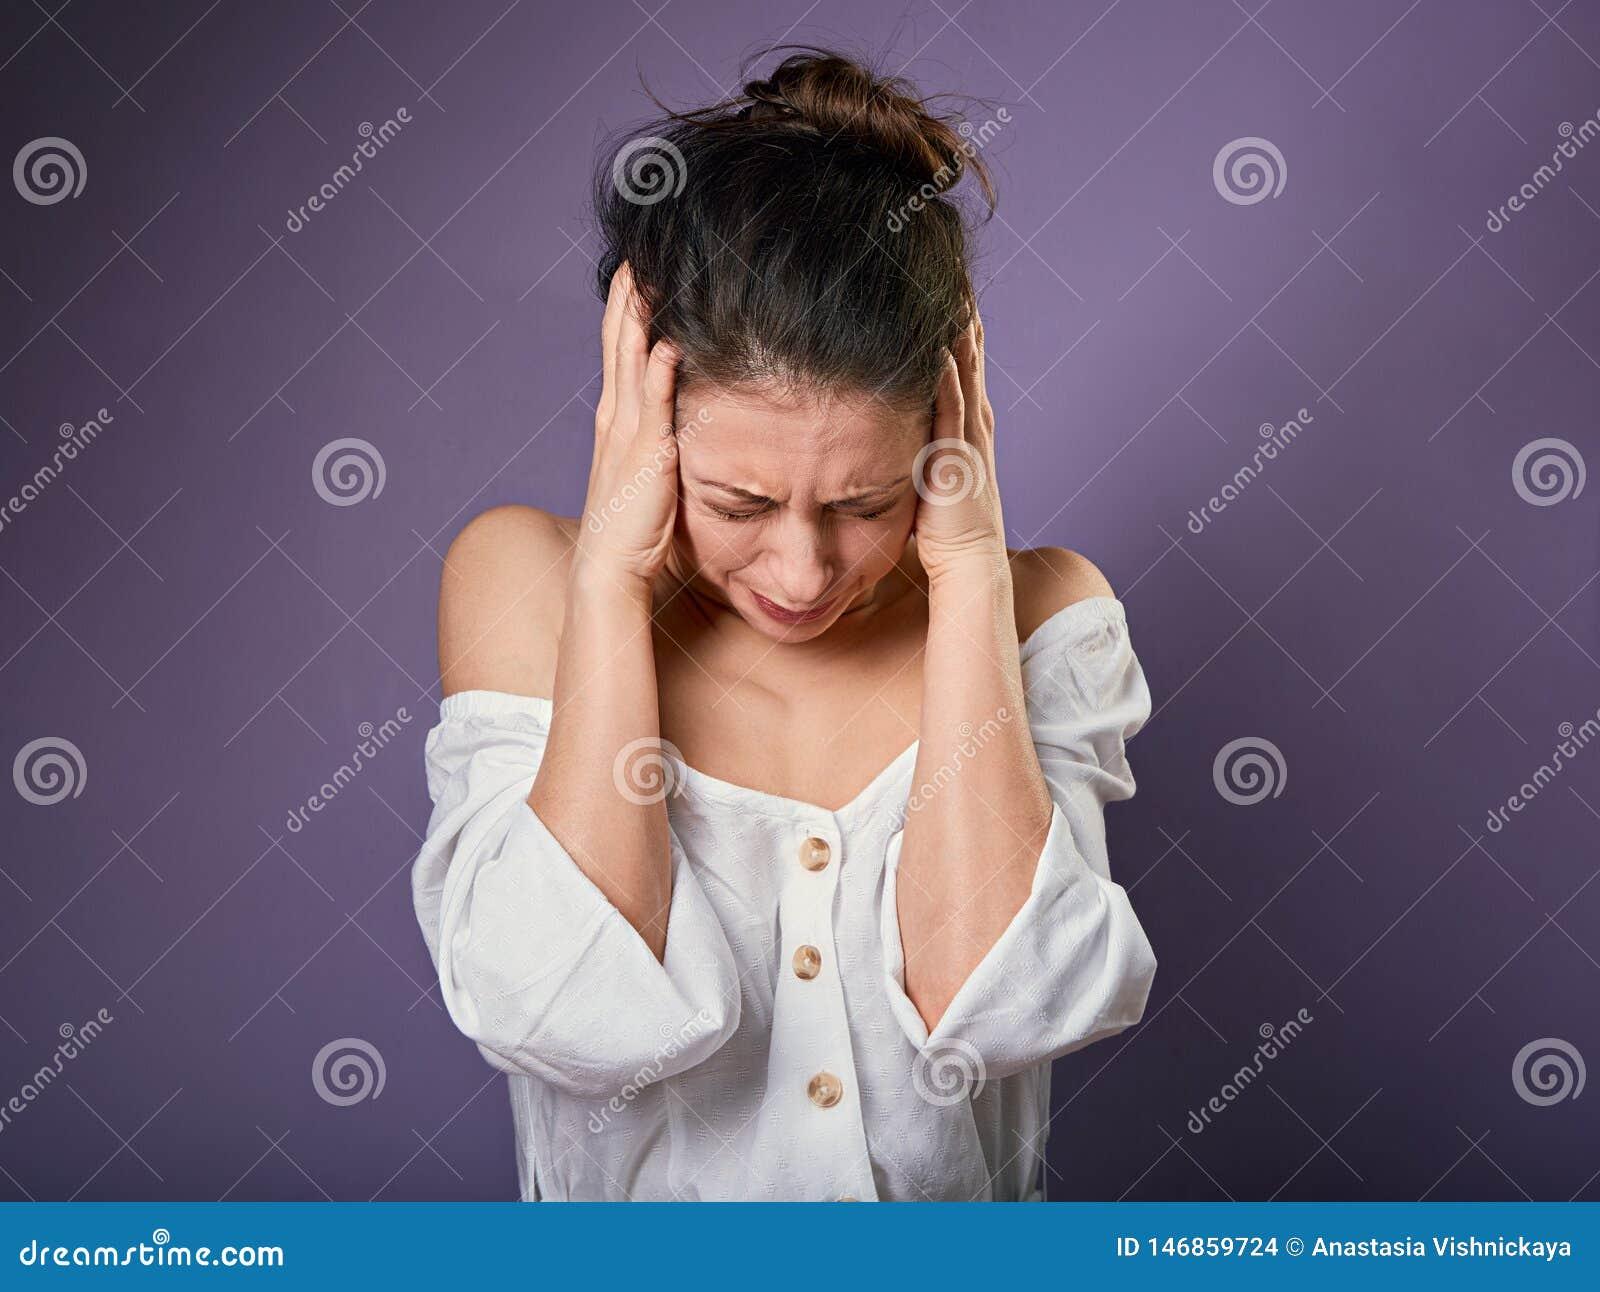 De beklemtoonde ongelukkige toevallige vrouw sloot oren de vingers omdat niet willen om het even welk geluiden en lawaai op purpe